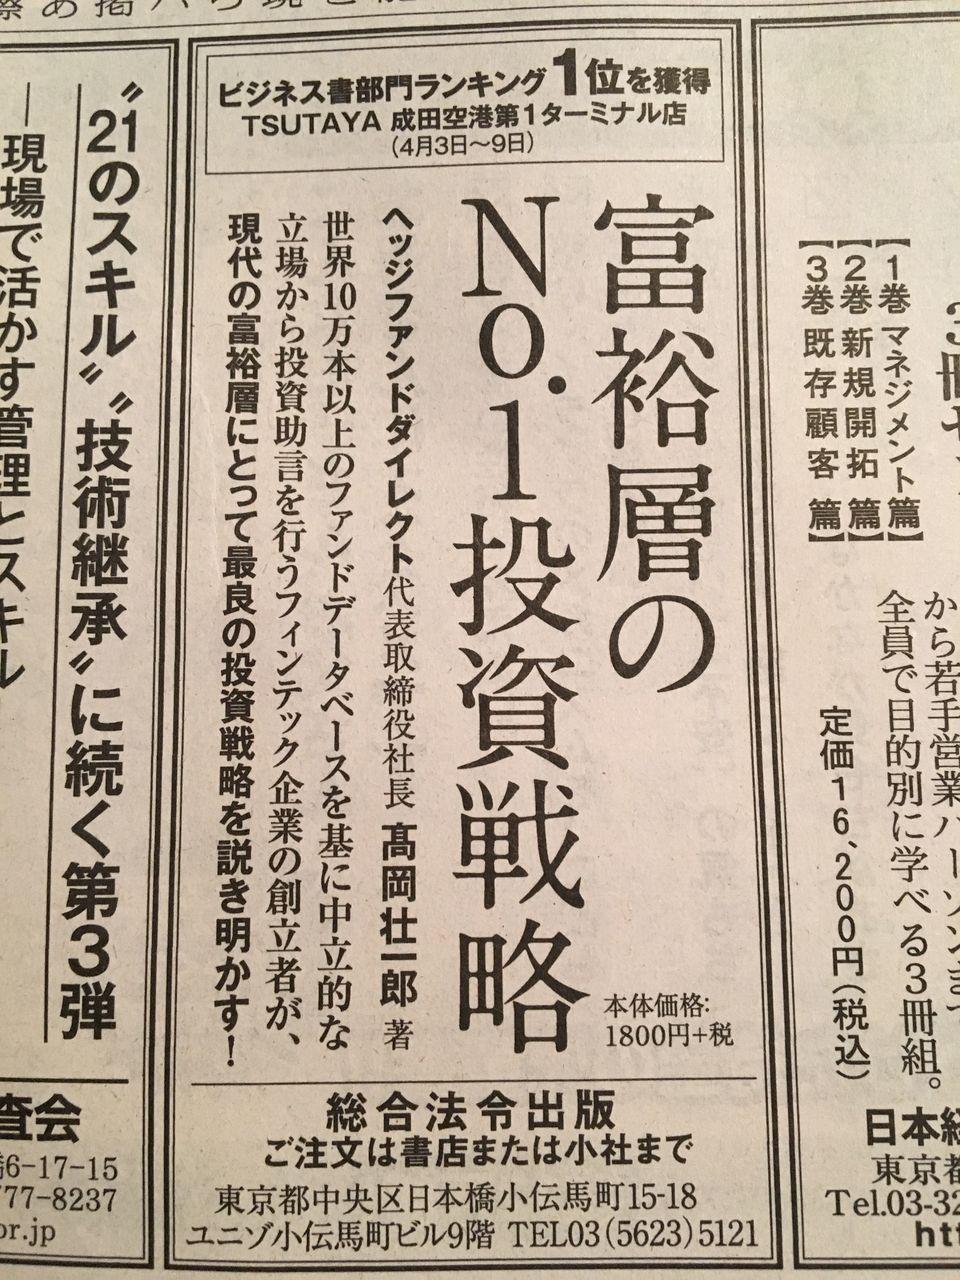 日経新聞に高岡壮一郎の新刊「富裕層のNo.1投資戦略」(総合法令出版)の広告が掲載されました